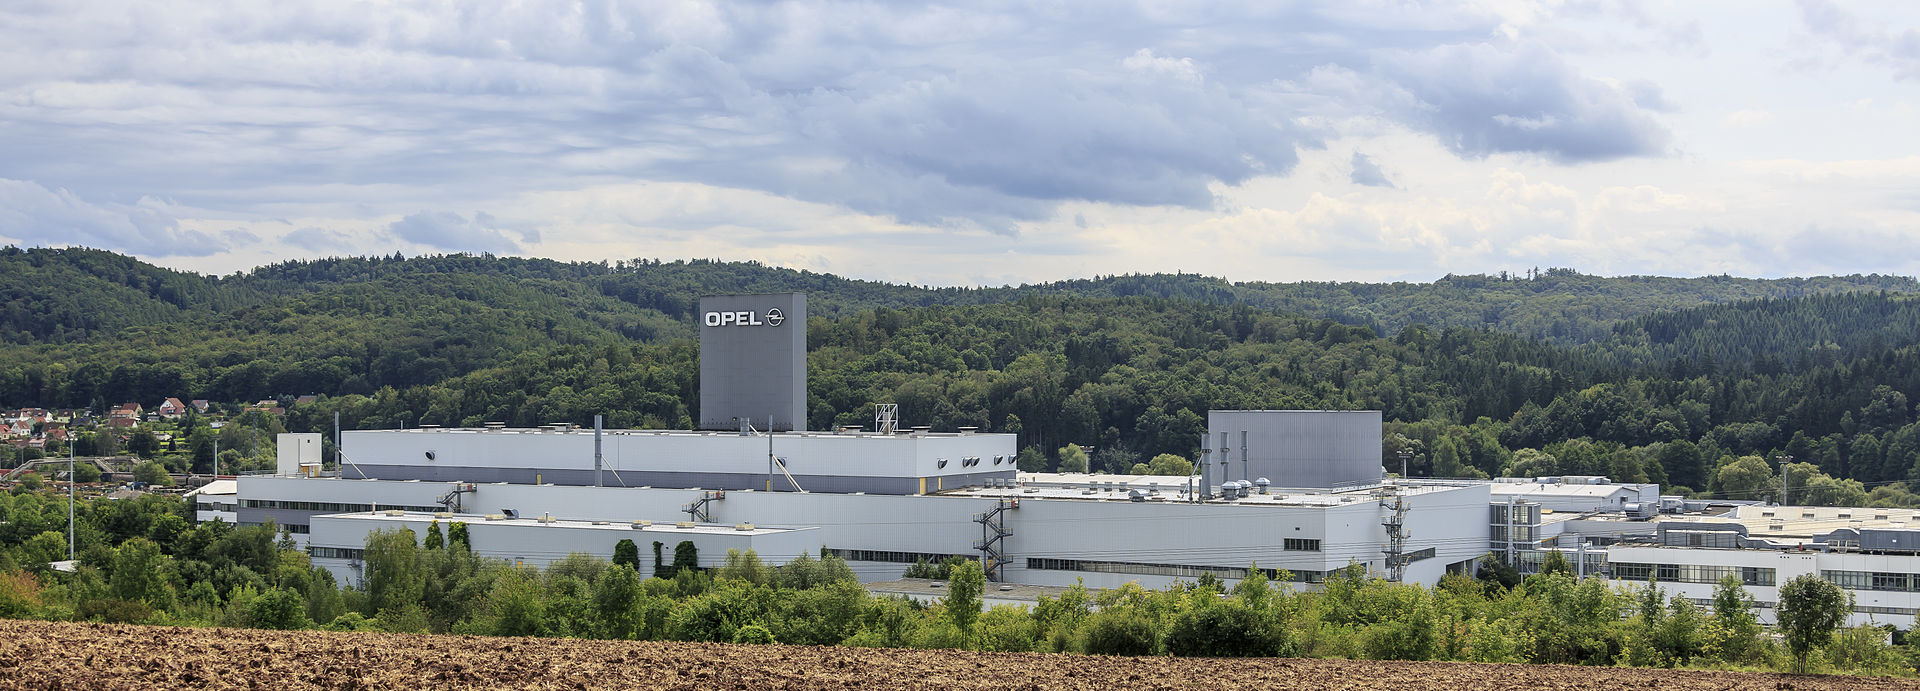 Bild Opel Werk Eisenach